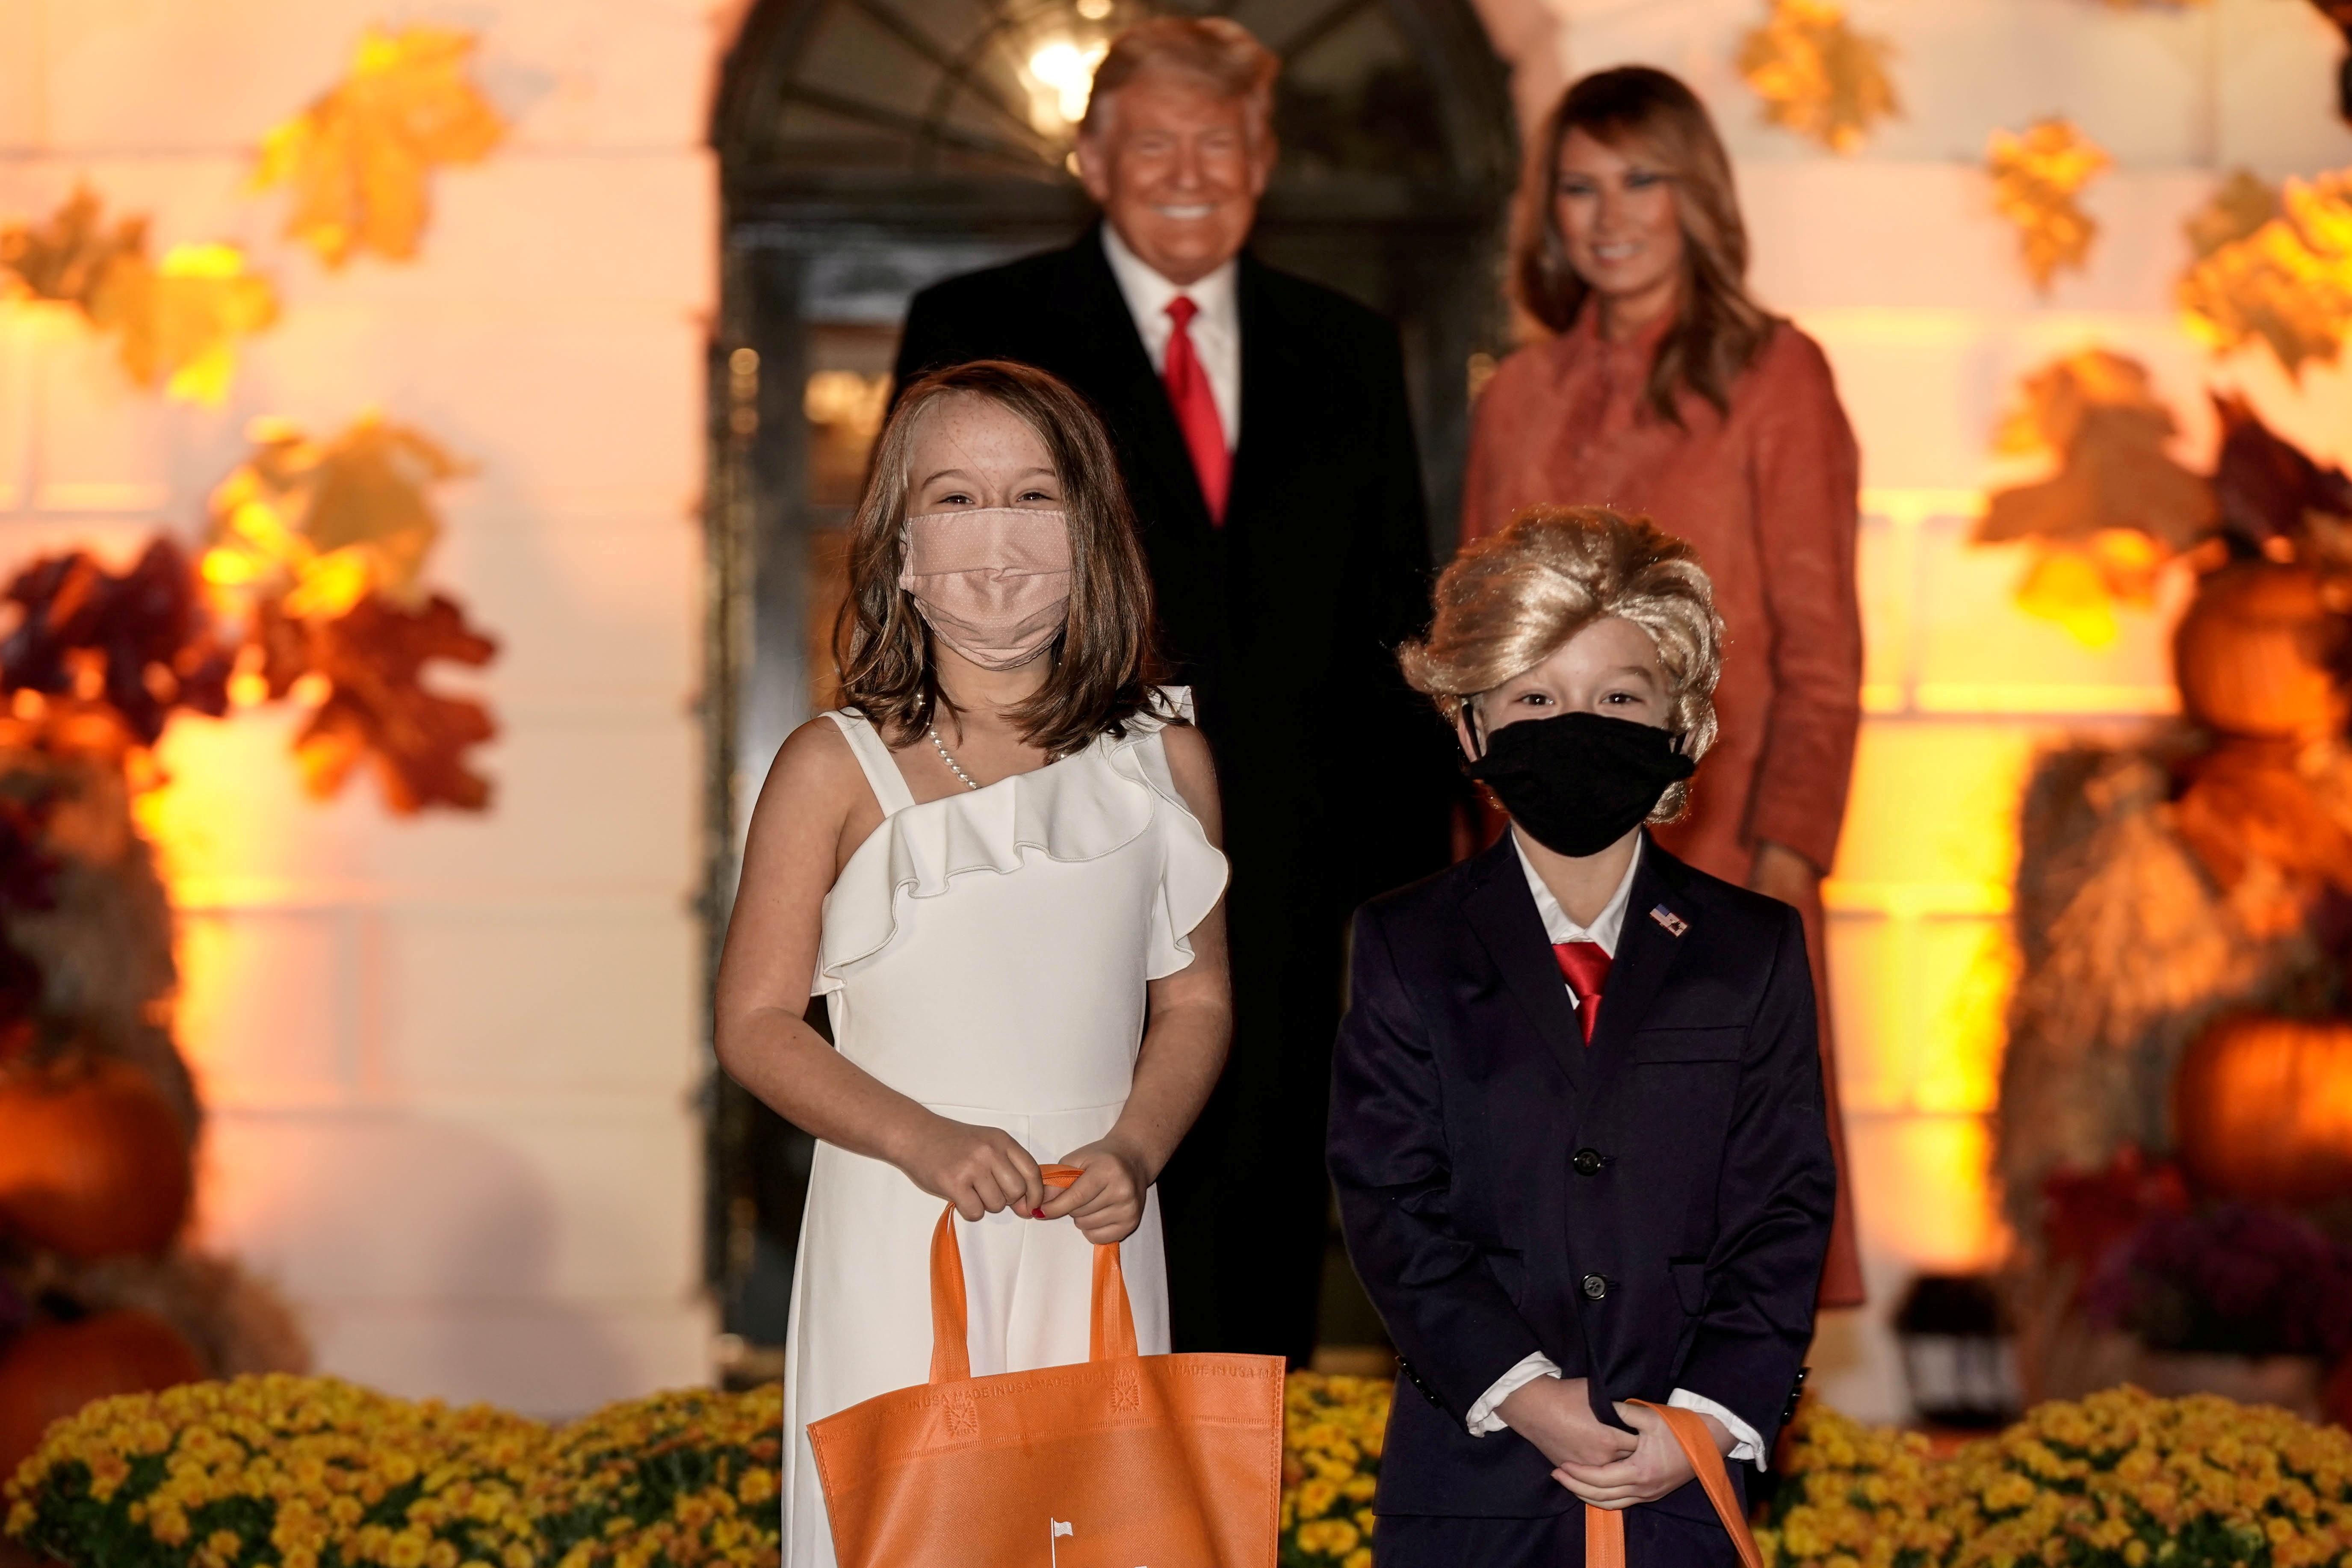 Crianças se fantasiam de Trump e Melania em Halloween na Casa Branca